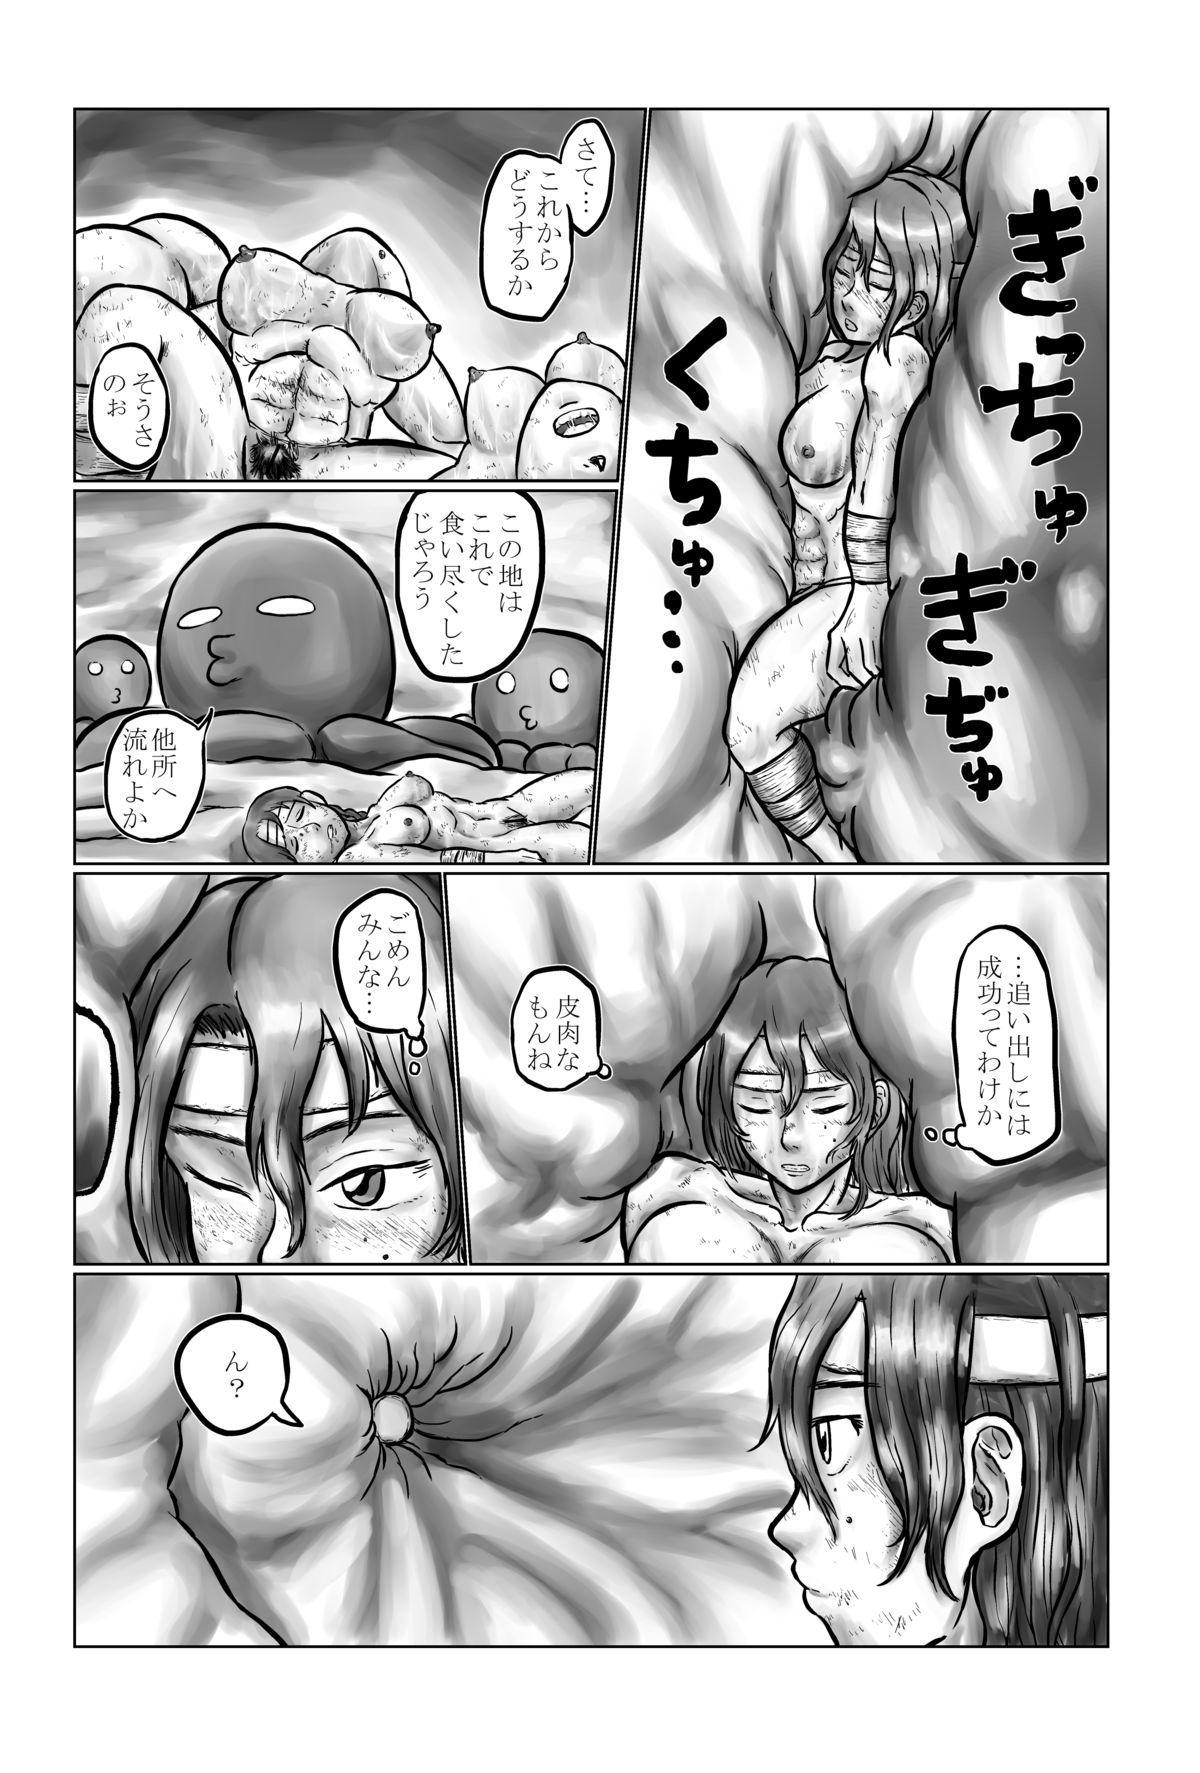 蛸sVS海女s 15